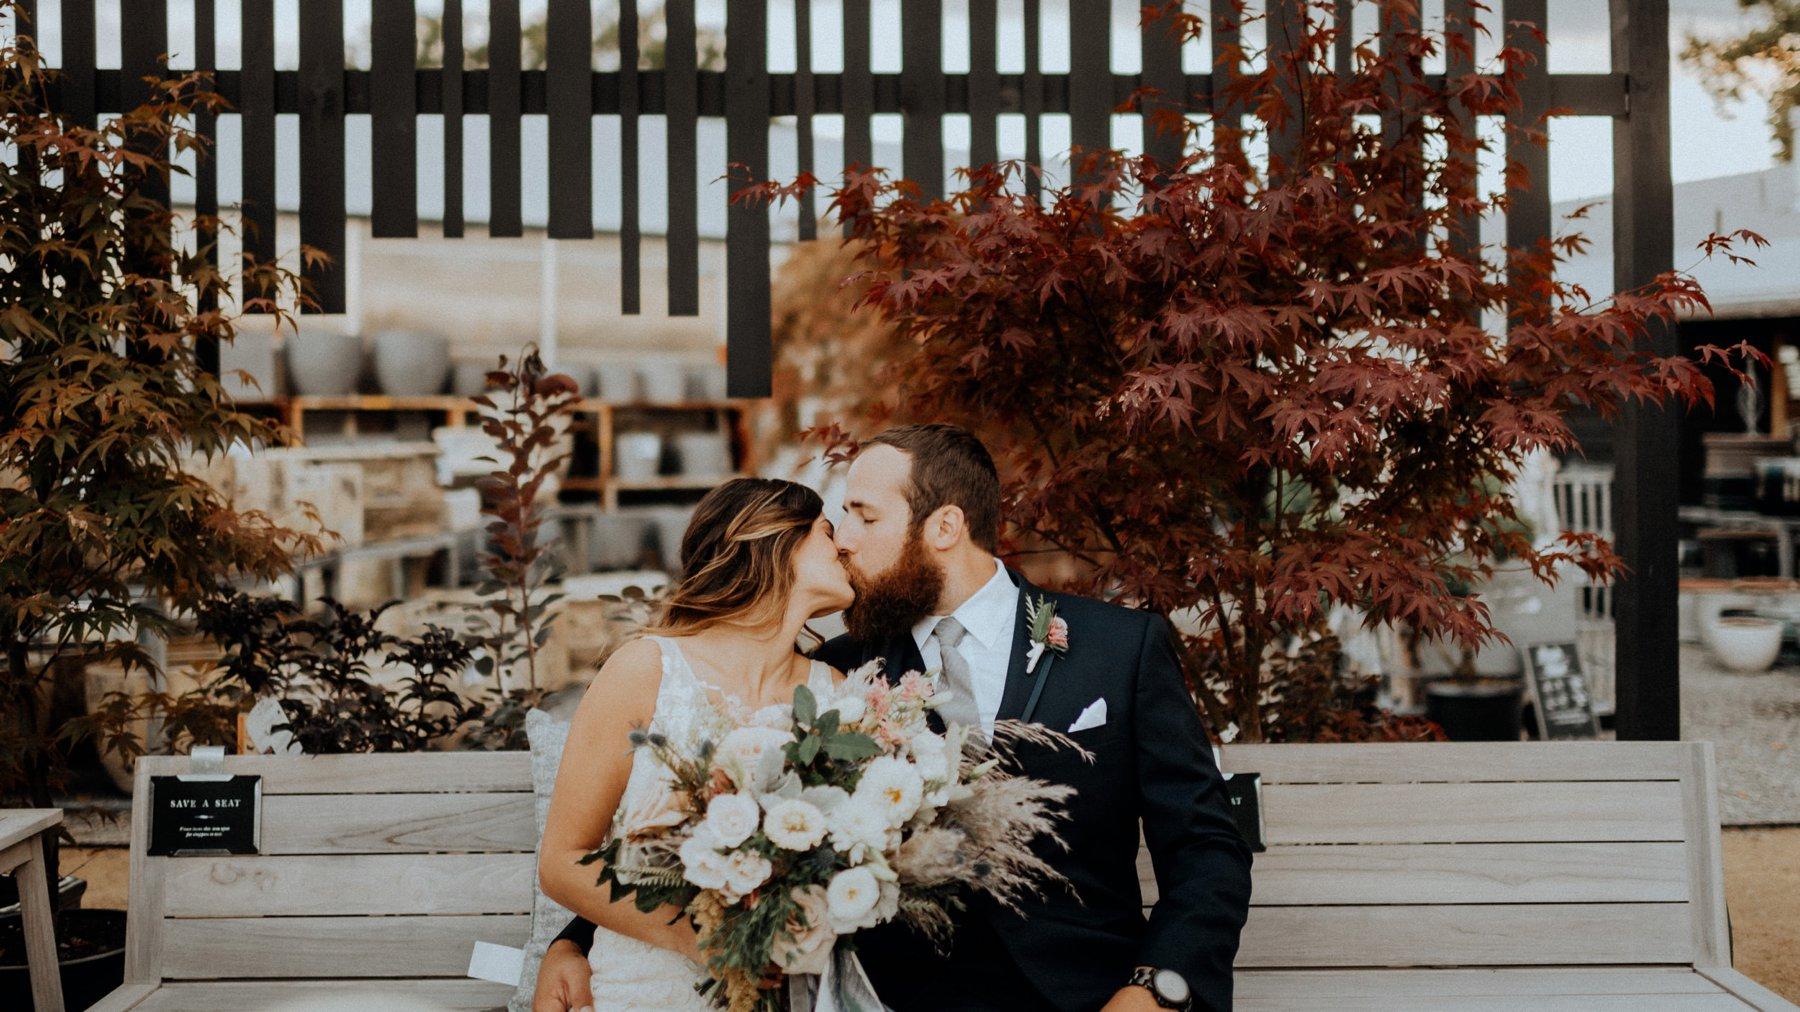 170-165-terrain-wedding-18.jpg